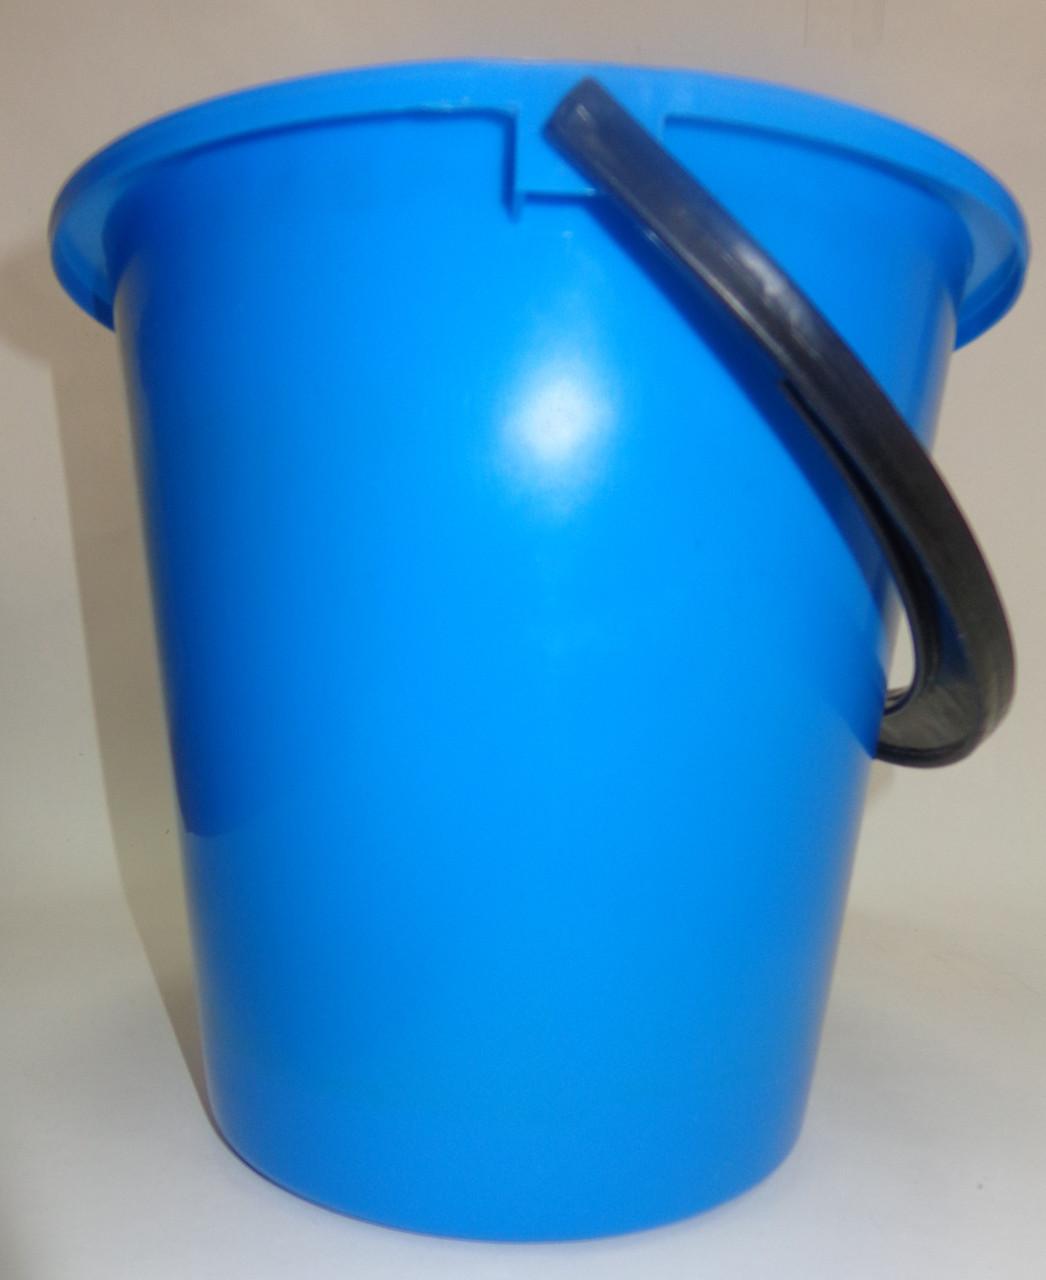 Виды и типы пластика, классификация пластика. что за материал используется при производстве пластиковых тар. пластмасса